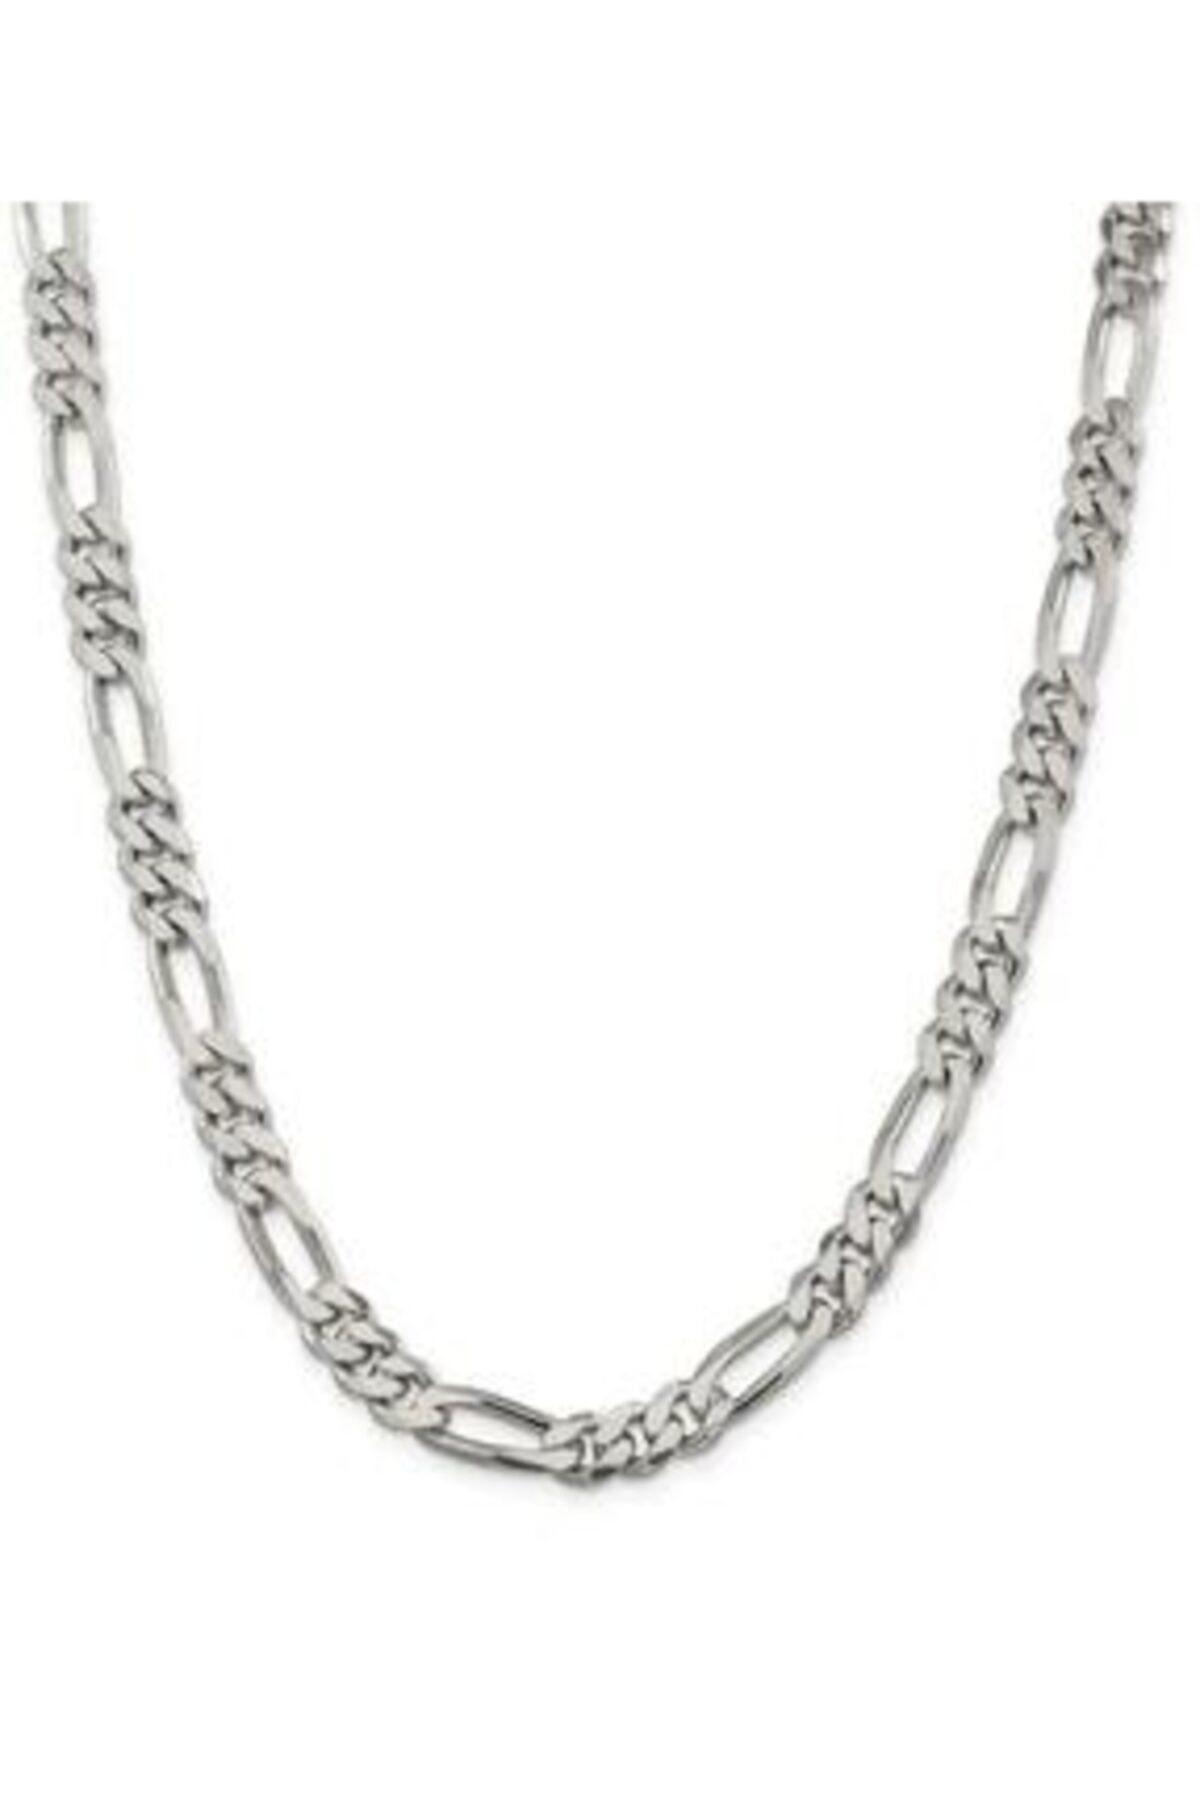 Erkek Silver Encili Gümüş Figaro Zincir Kolye 60 cm 925 Ayar